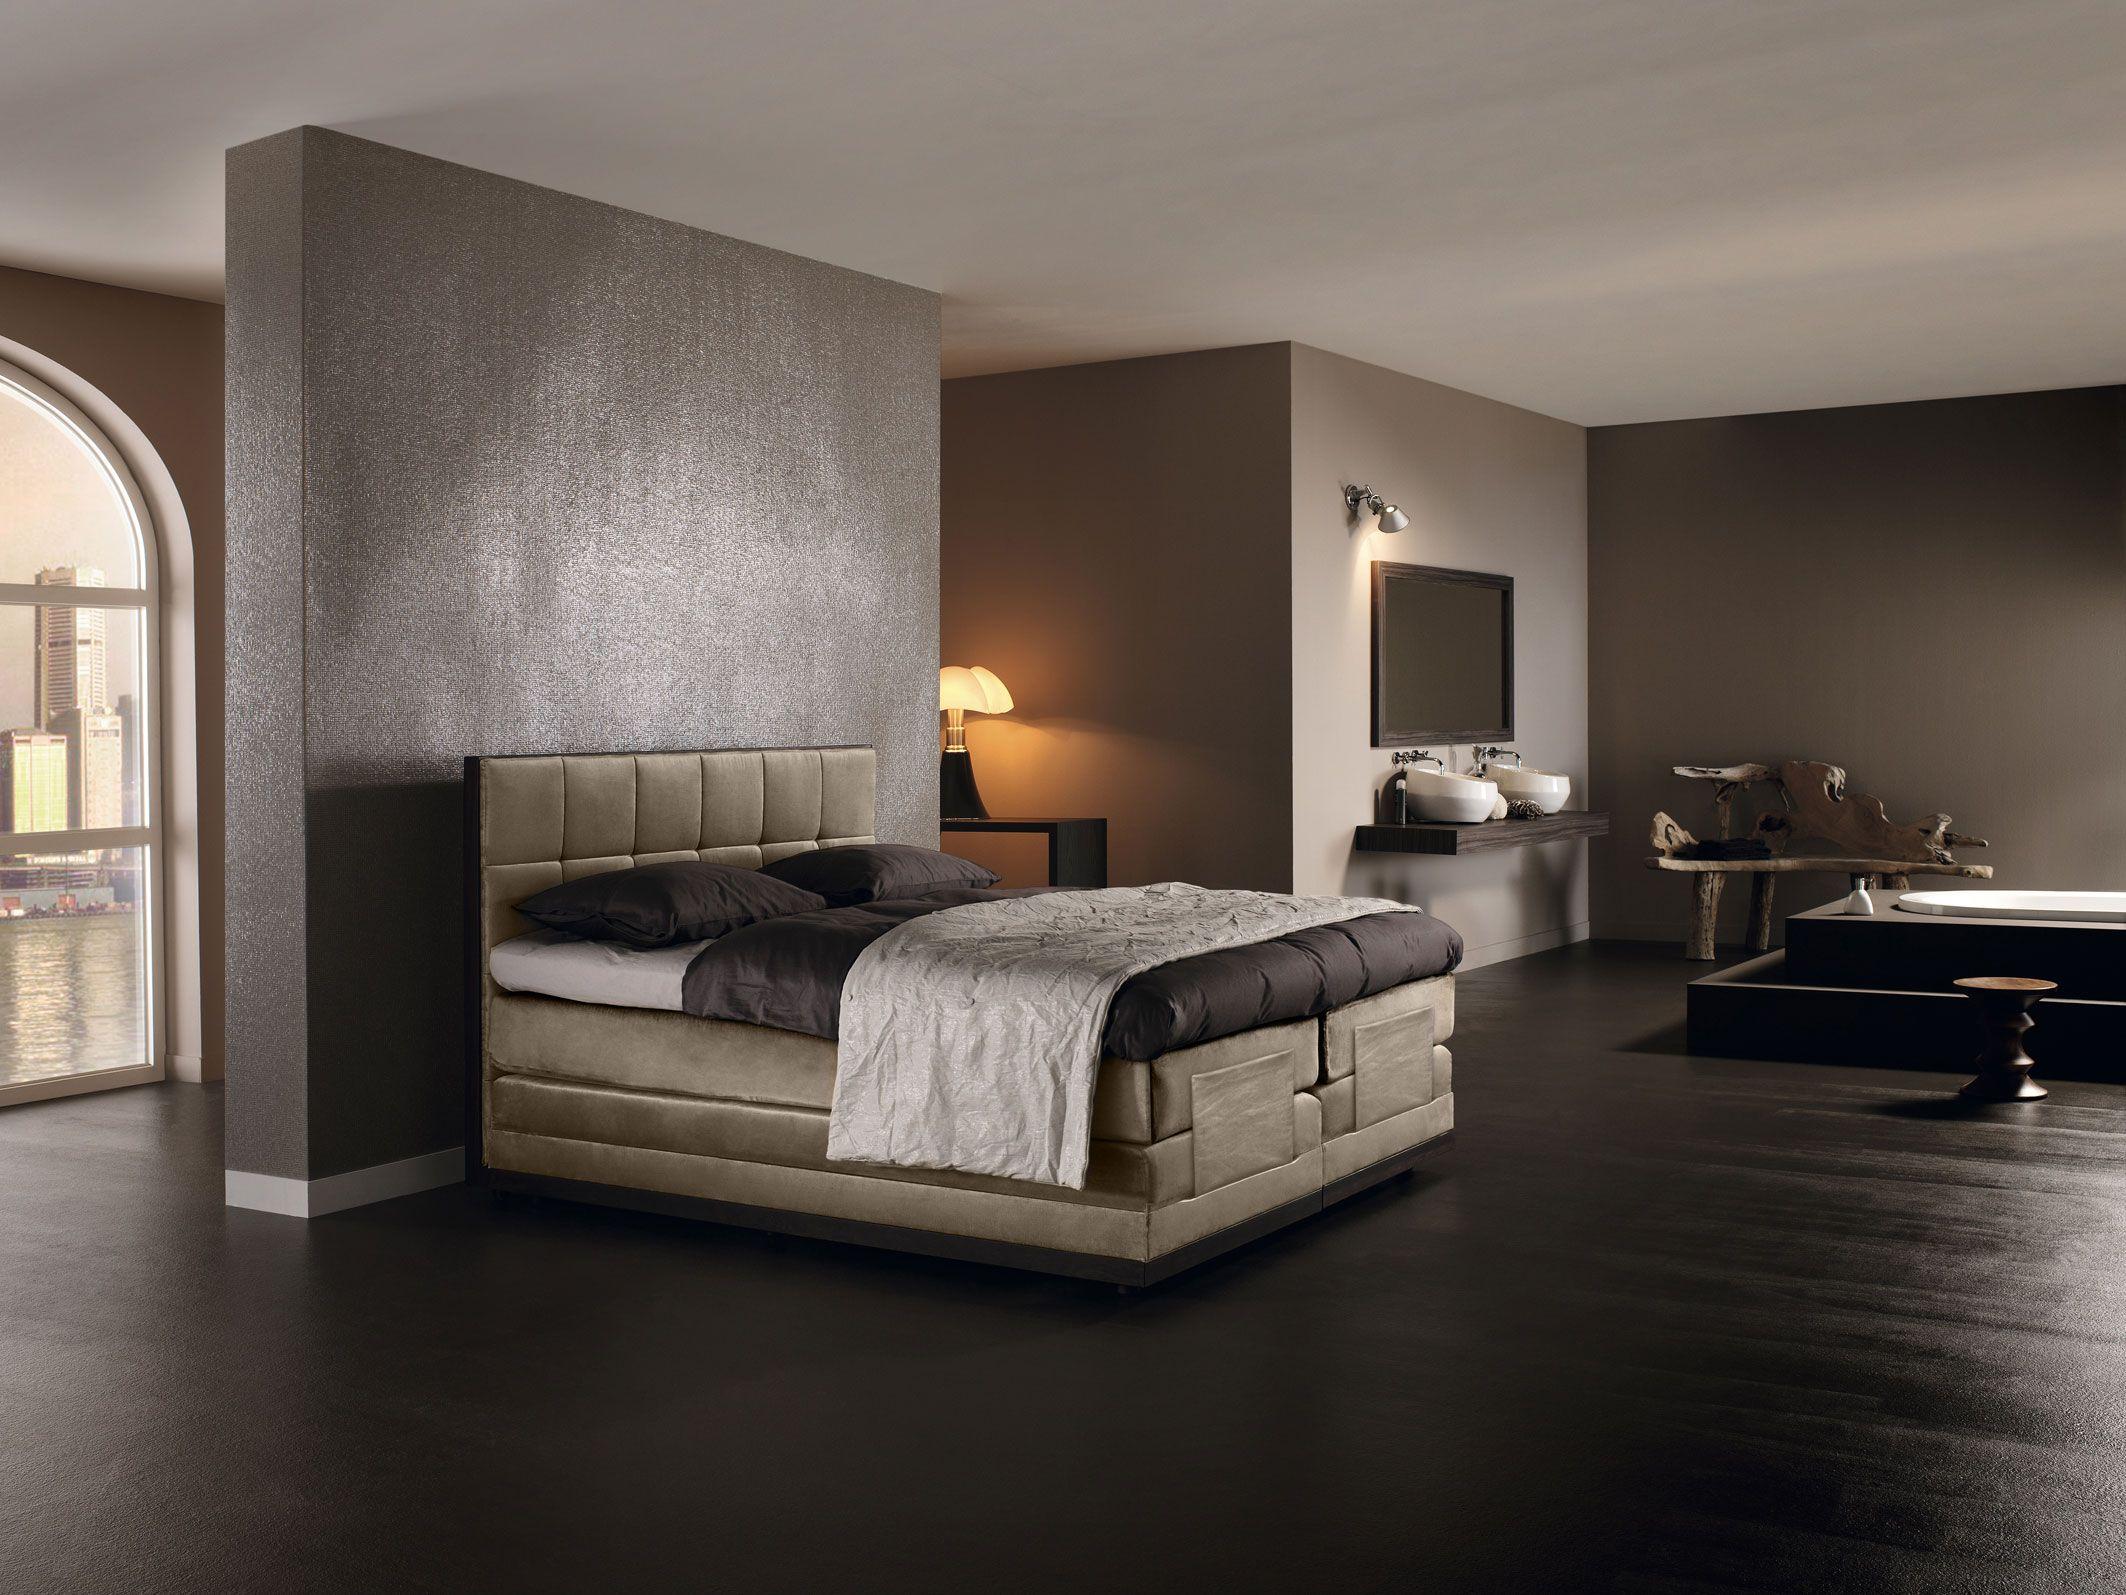 Slaapkamer annex badkamer idee n voor het huis pinterest slaapkamer badkamer en hoofdbord bed - Grijze hoofdslaapkamer ...